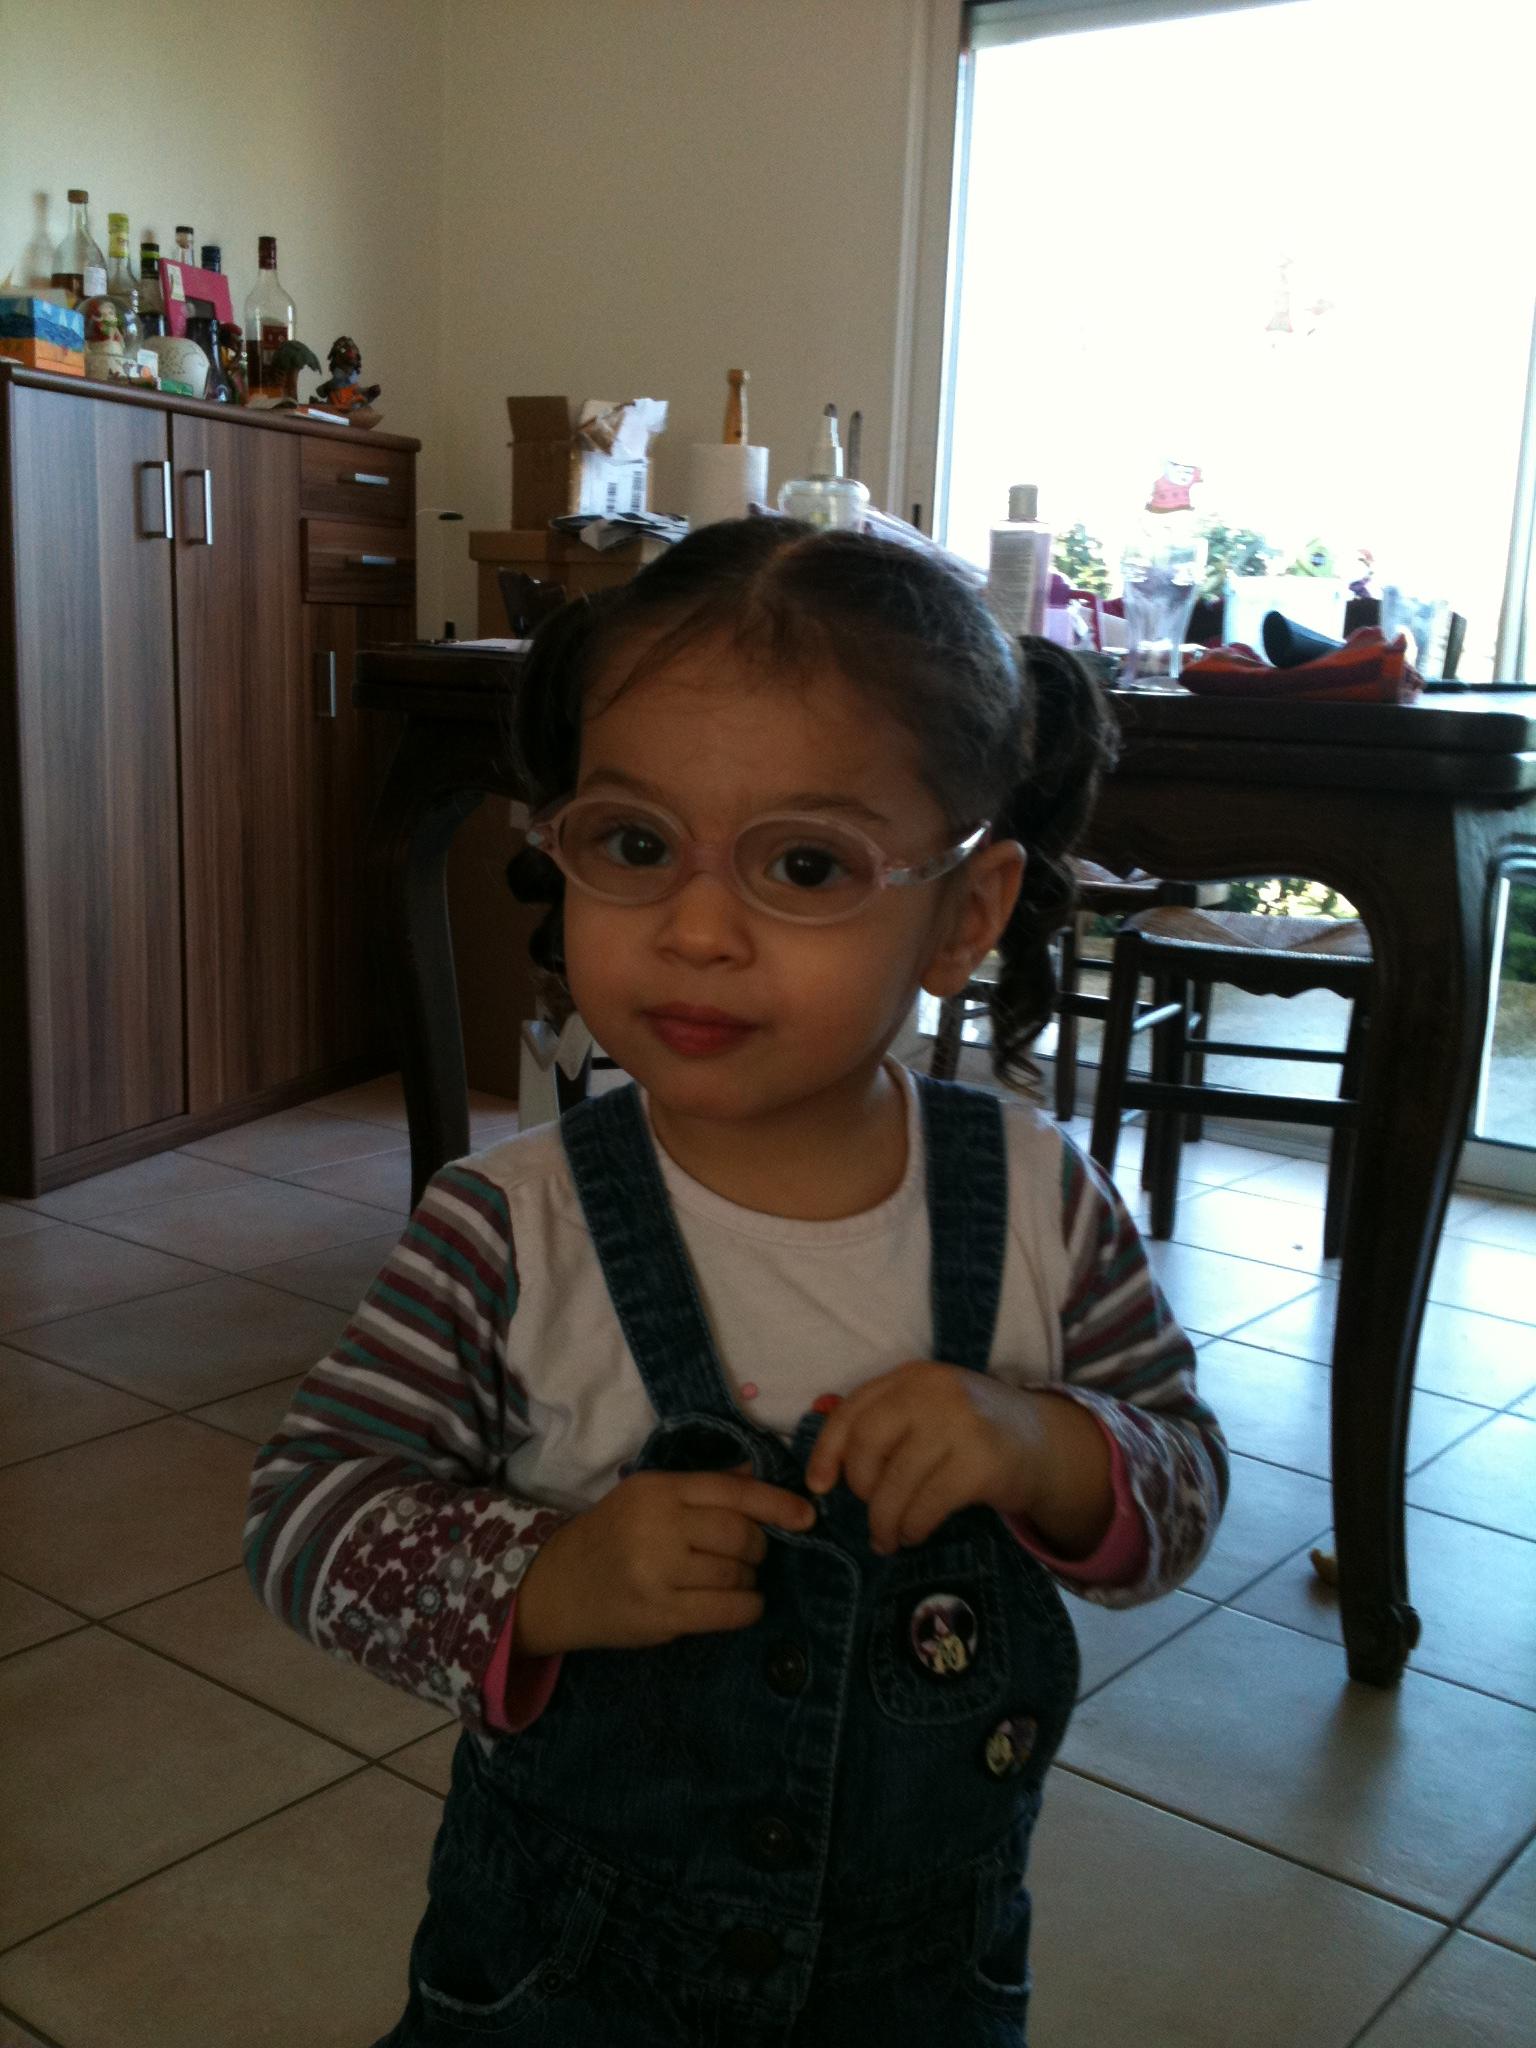 265edfbc06532b Ma puce va avoir des lunettes.... - Bébés de juillet 2009 - Bébés de ...